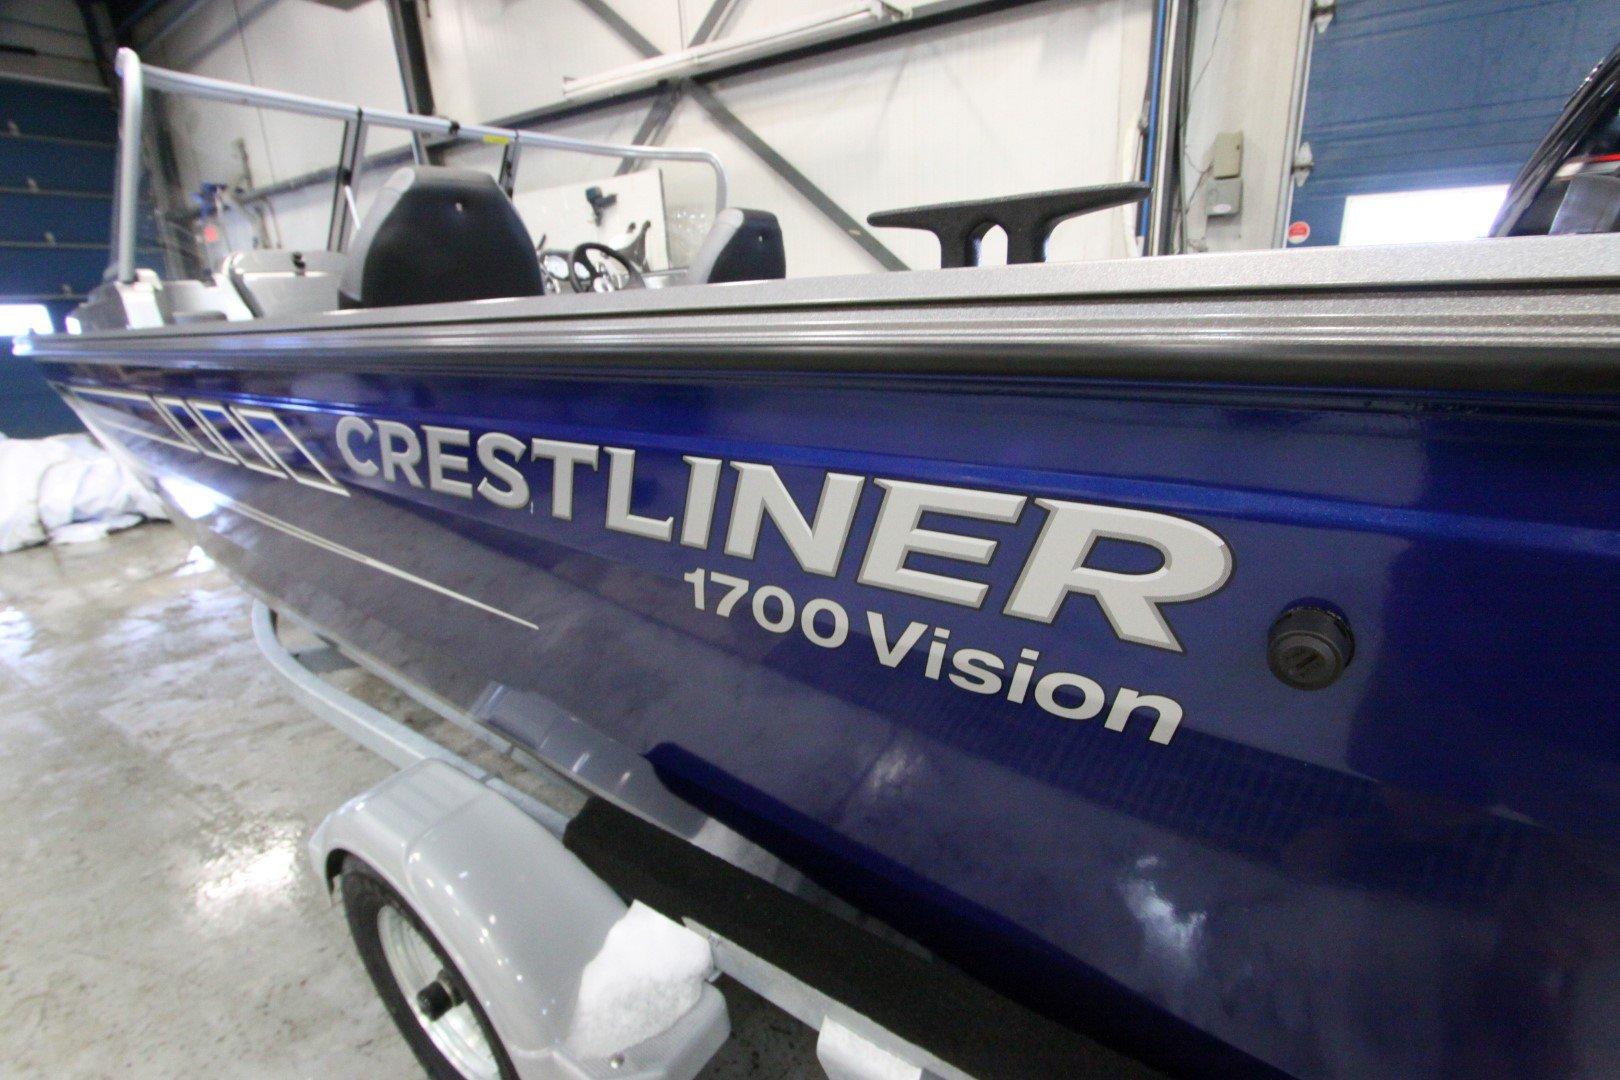 Crestliner Vision 1600 - IMG_9413